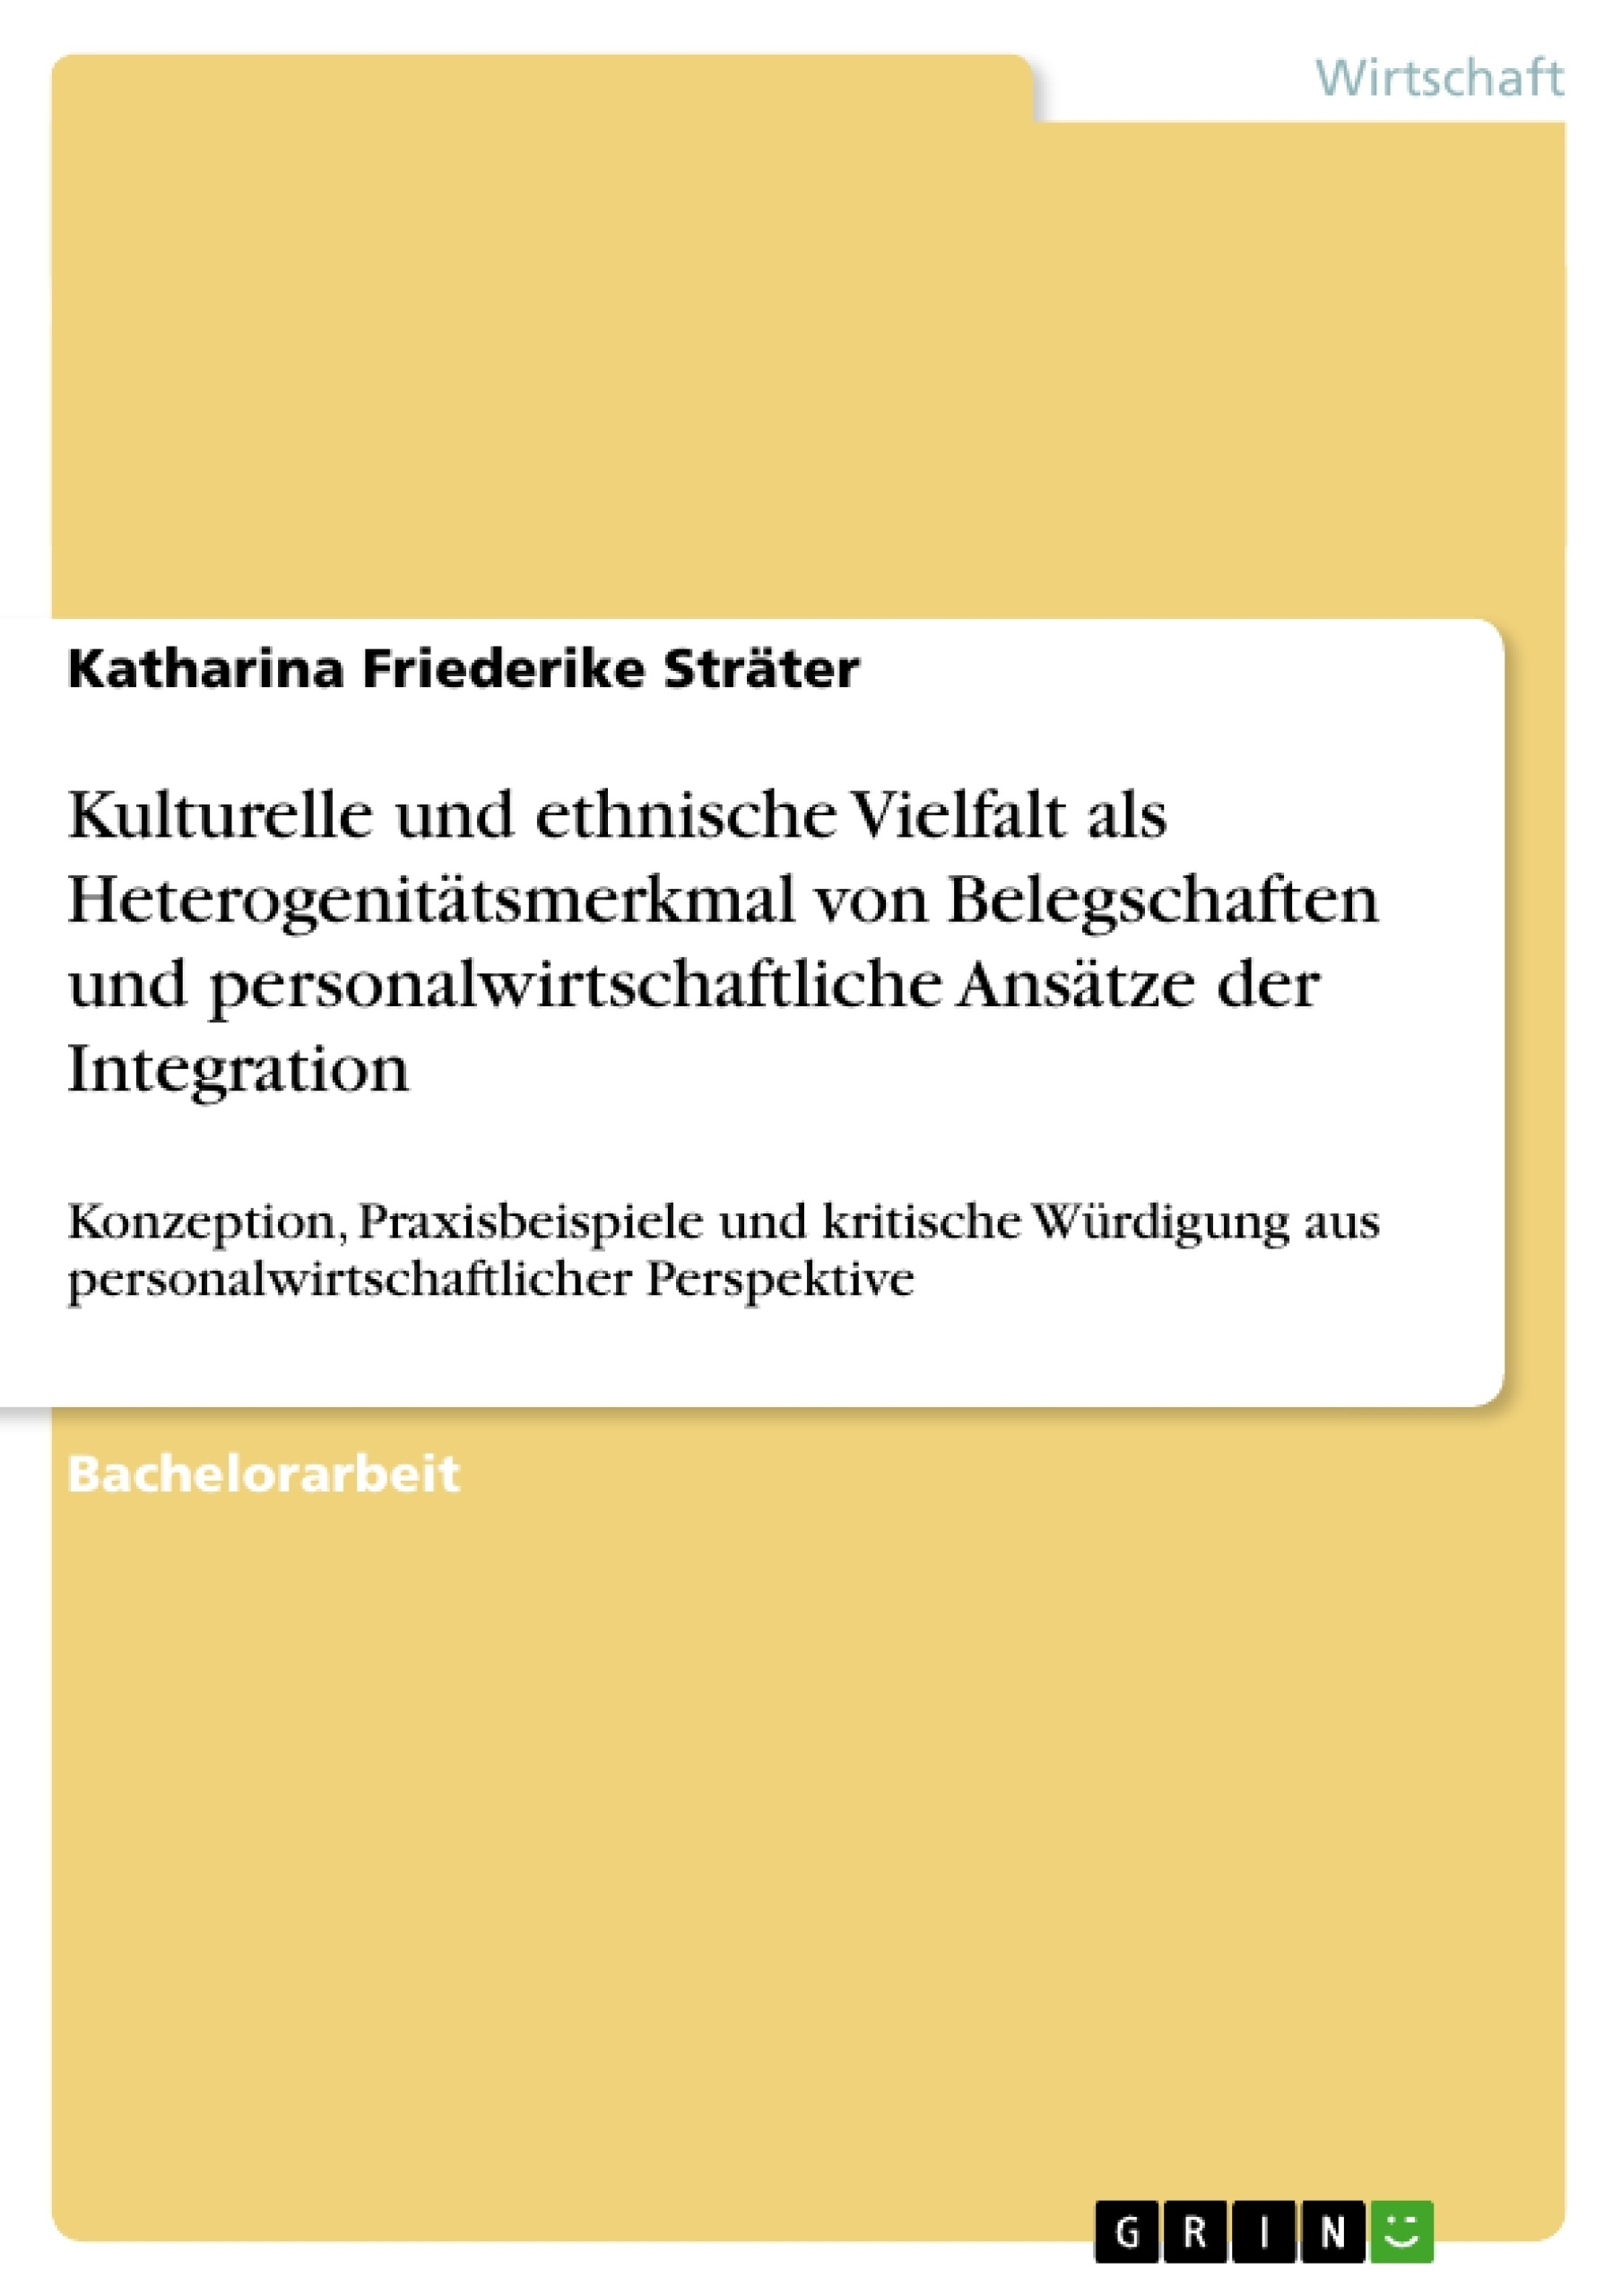 Titel: Kulturelle und ethnische Vielfalt als Heterogenitätsmerkmal von Belegschaften und personalwirtschaftliche Ansätze der Integration